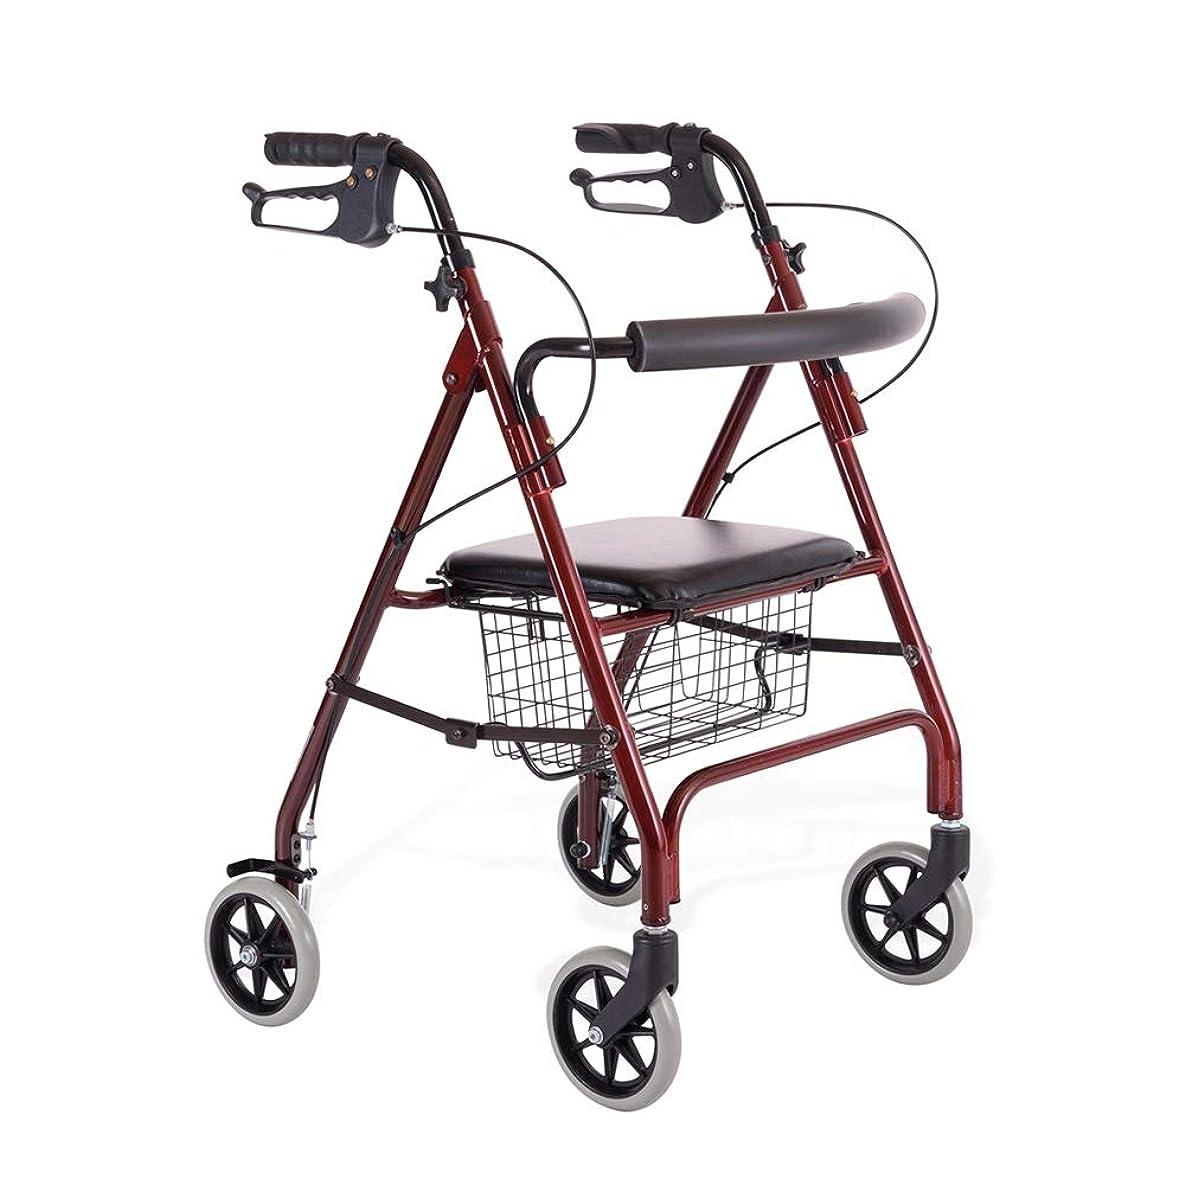 ヘリコプター絶妙素晴らしきシートと買い物かご付き軽量折りたたみ式歩行歩行器、高さ調節可能、4車輪可動補助具